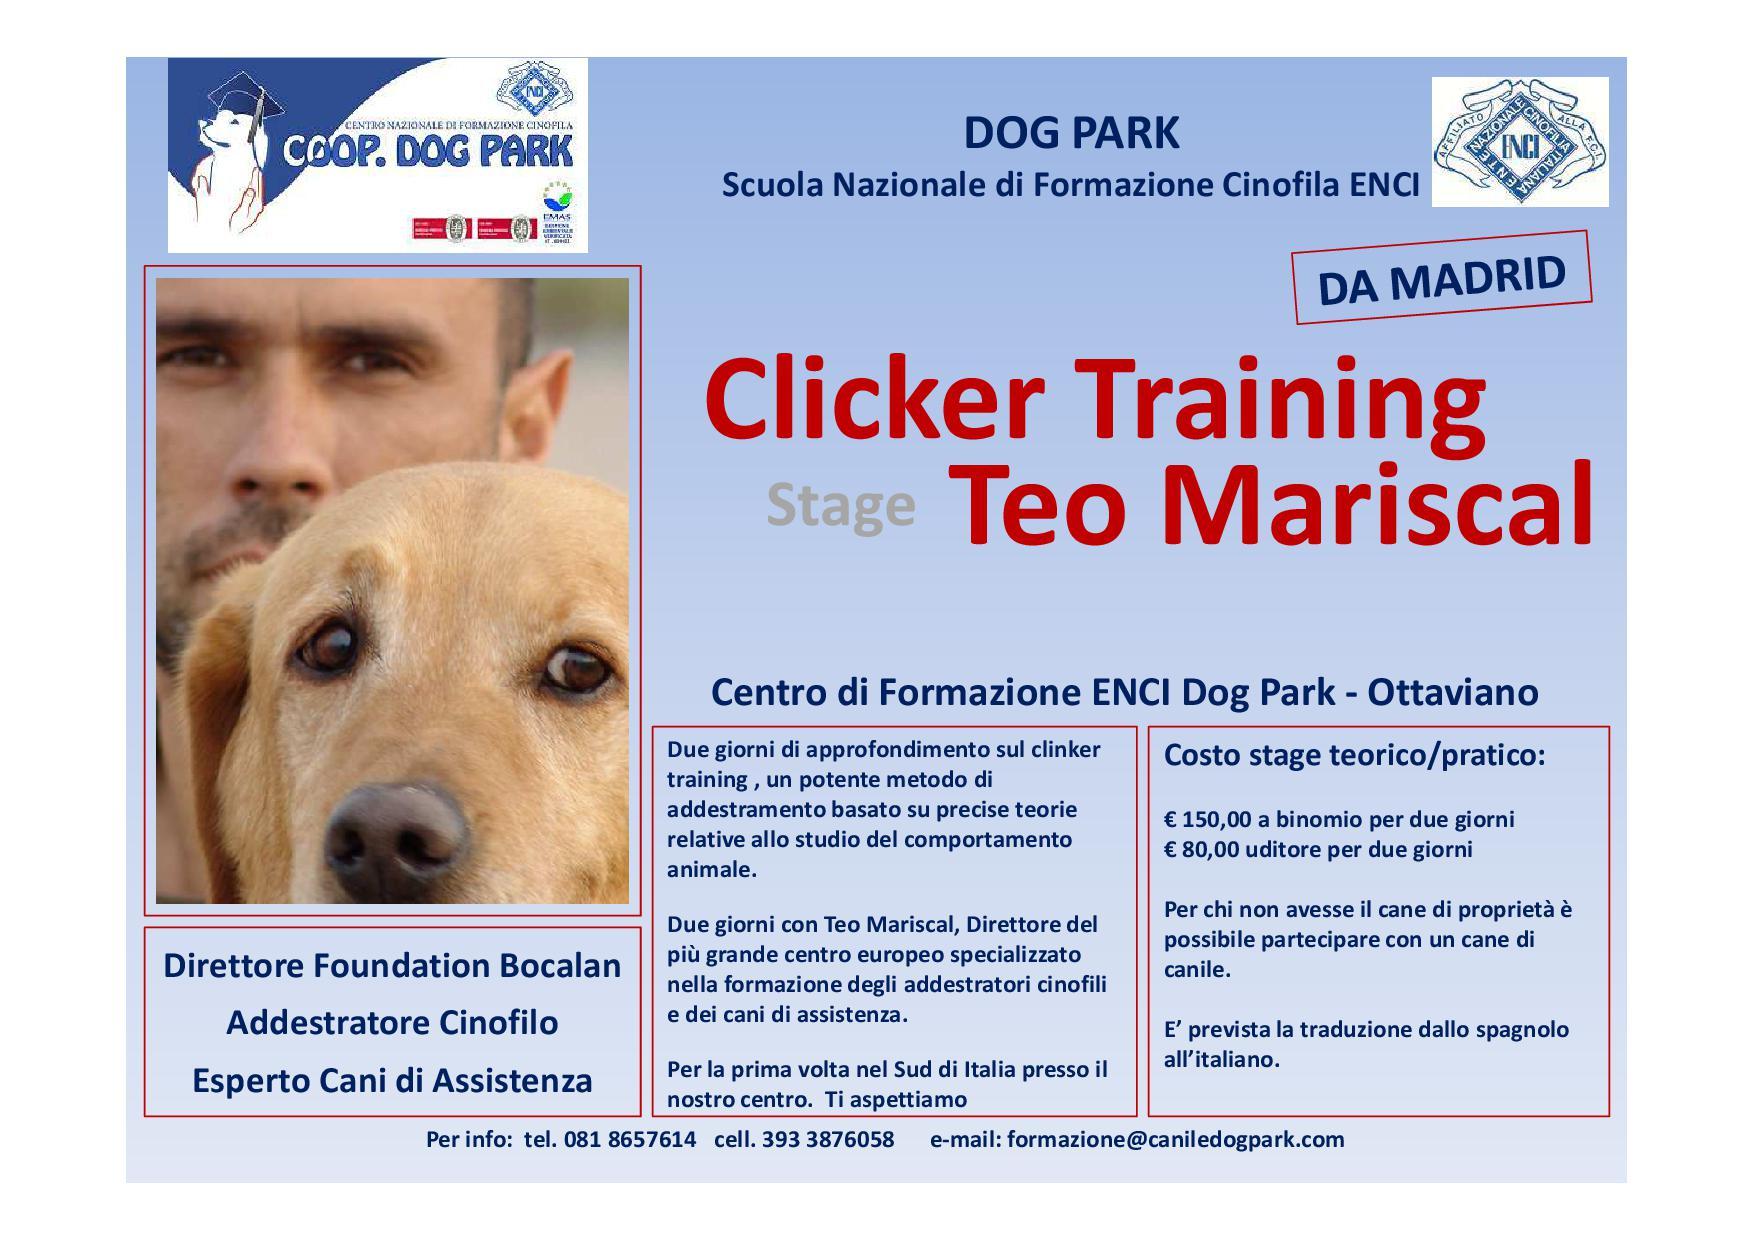 Due giorni di approfondimento sul clicker training , un metodo di addestramento potente basato su precise teorie relative allo studio del comportamento animale.  Due giorni con Teo Mariscal, Direttore del più grande centro europeo specializzato nella formazione degli addestratori cinofili e dei cani di assistenza.